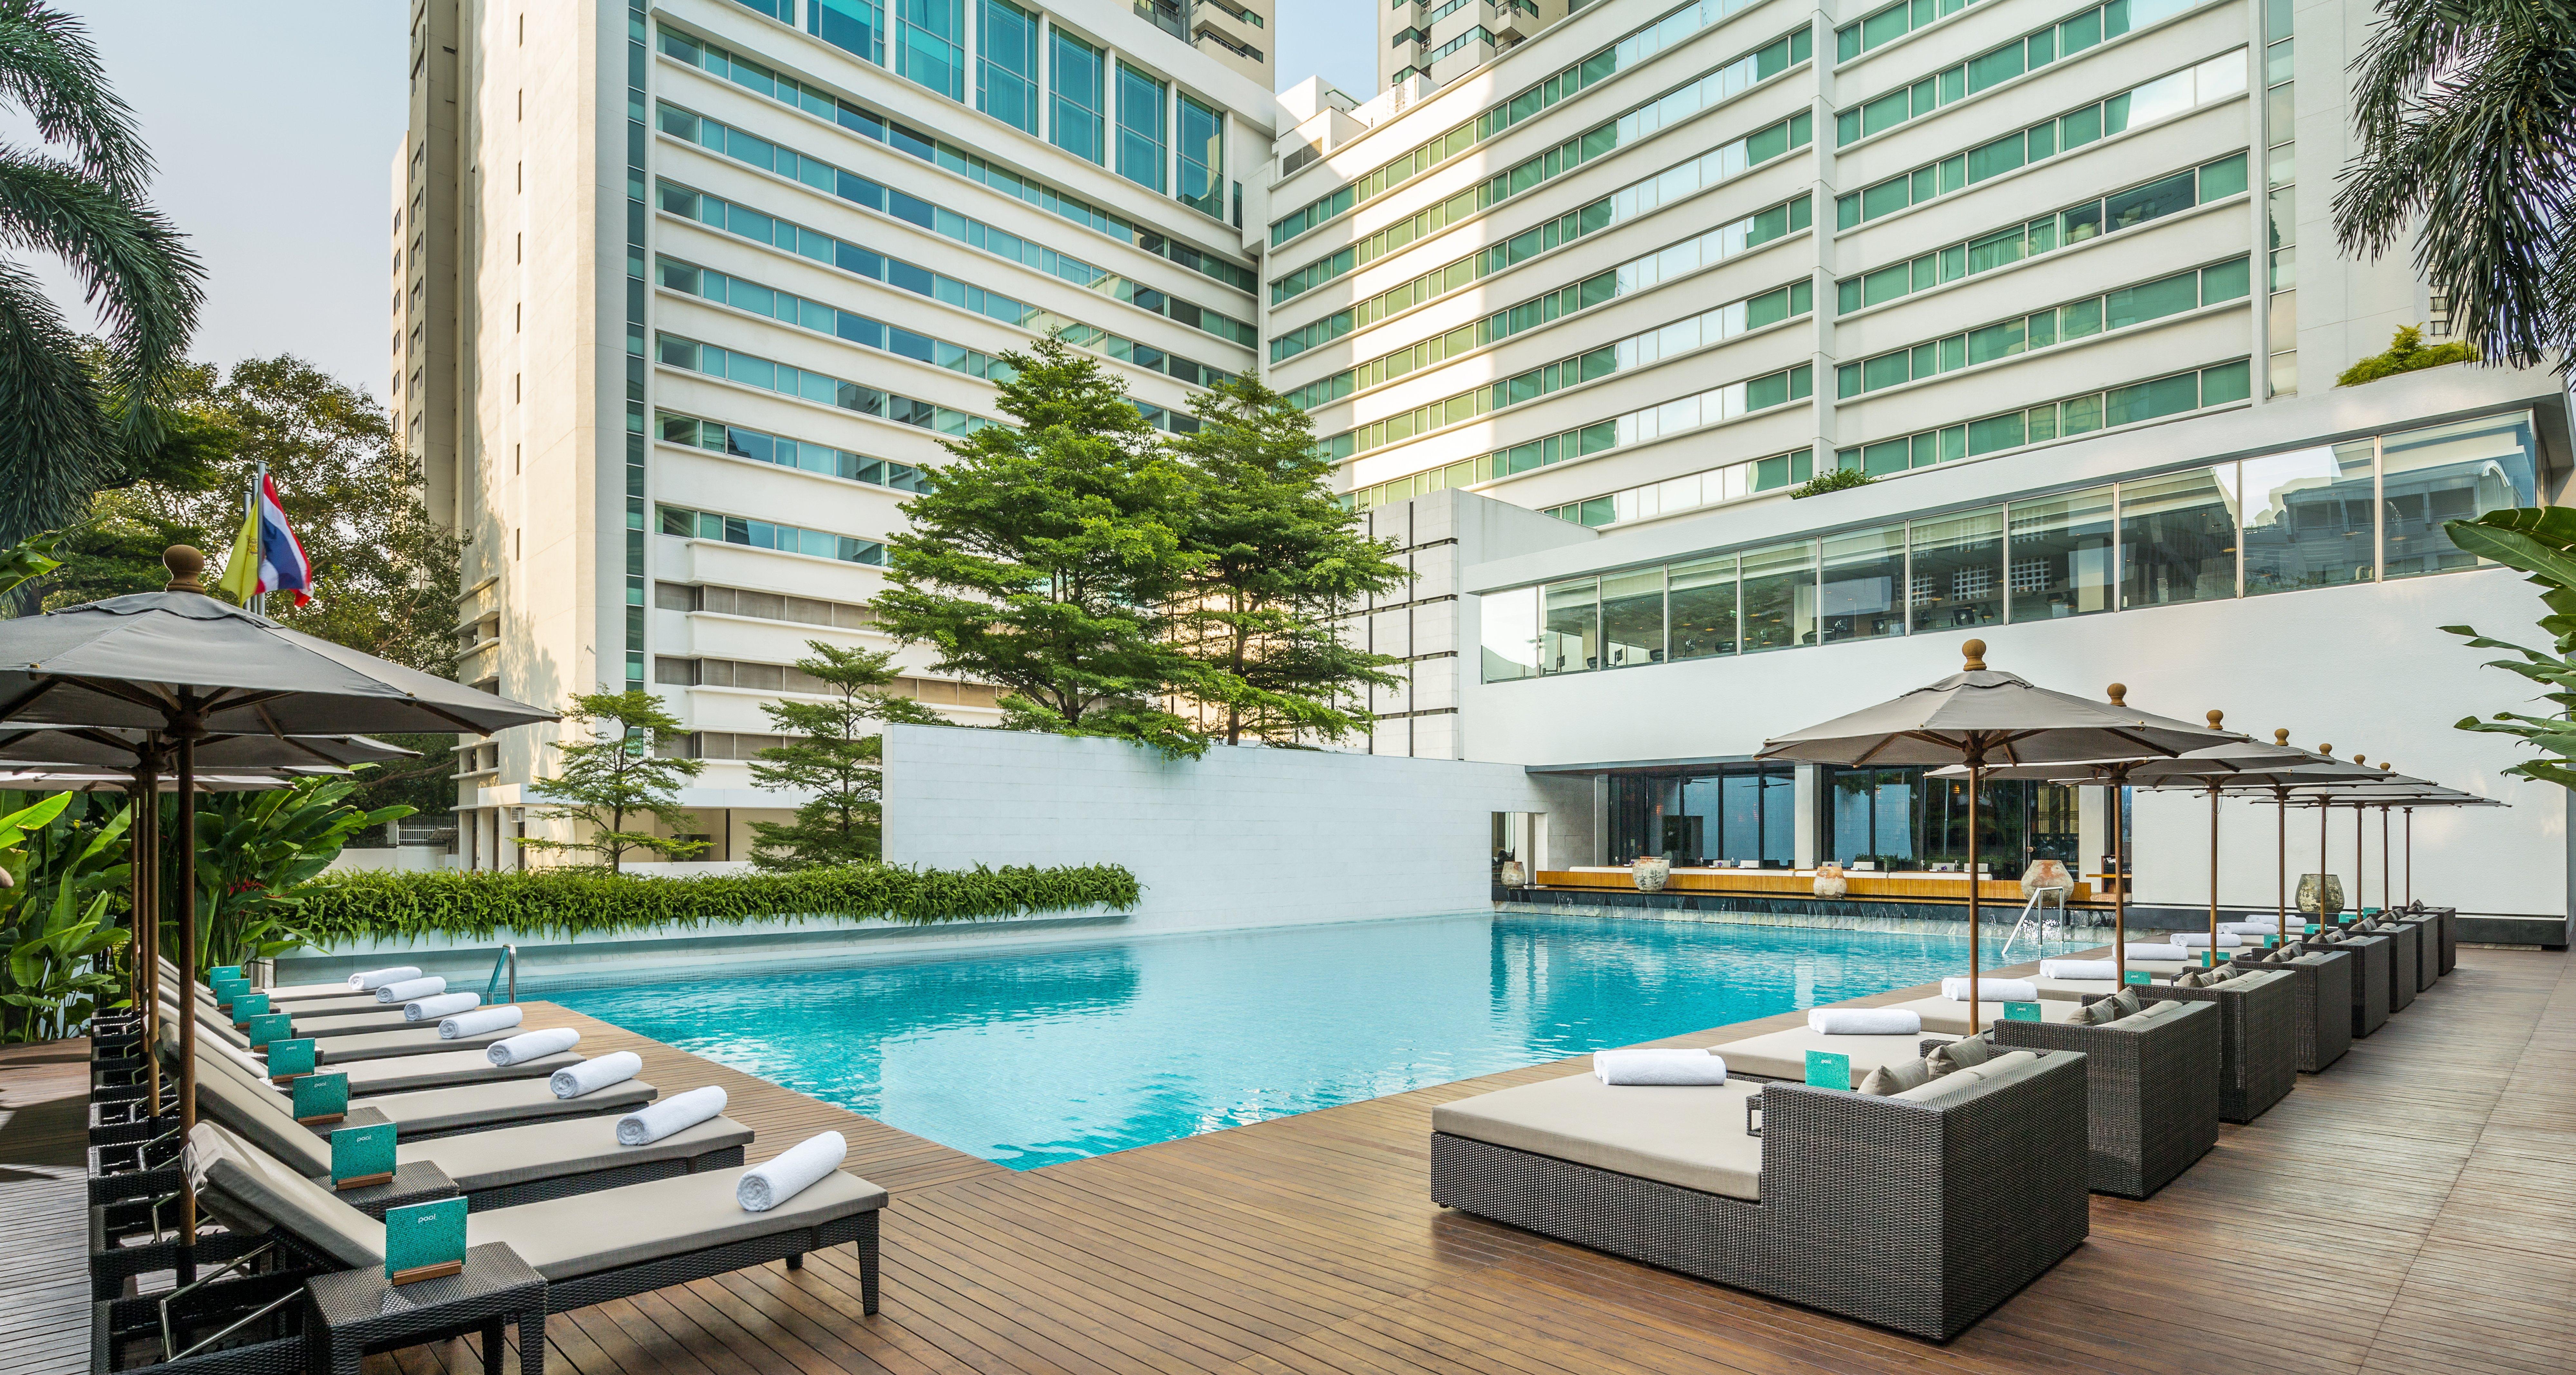 como-metropolitan-hotel-bangkok